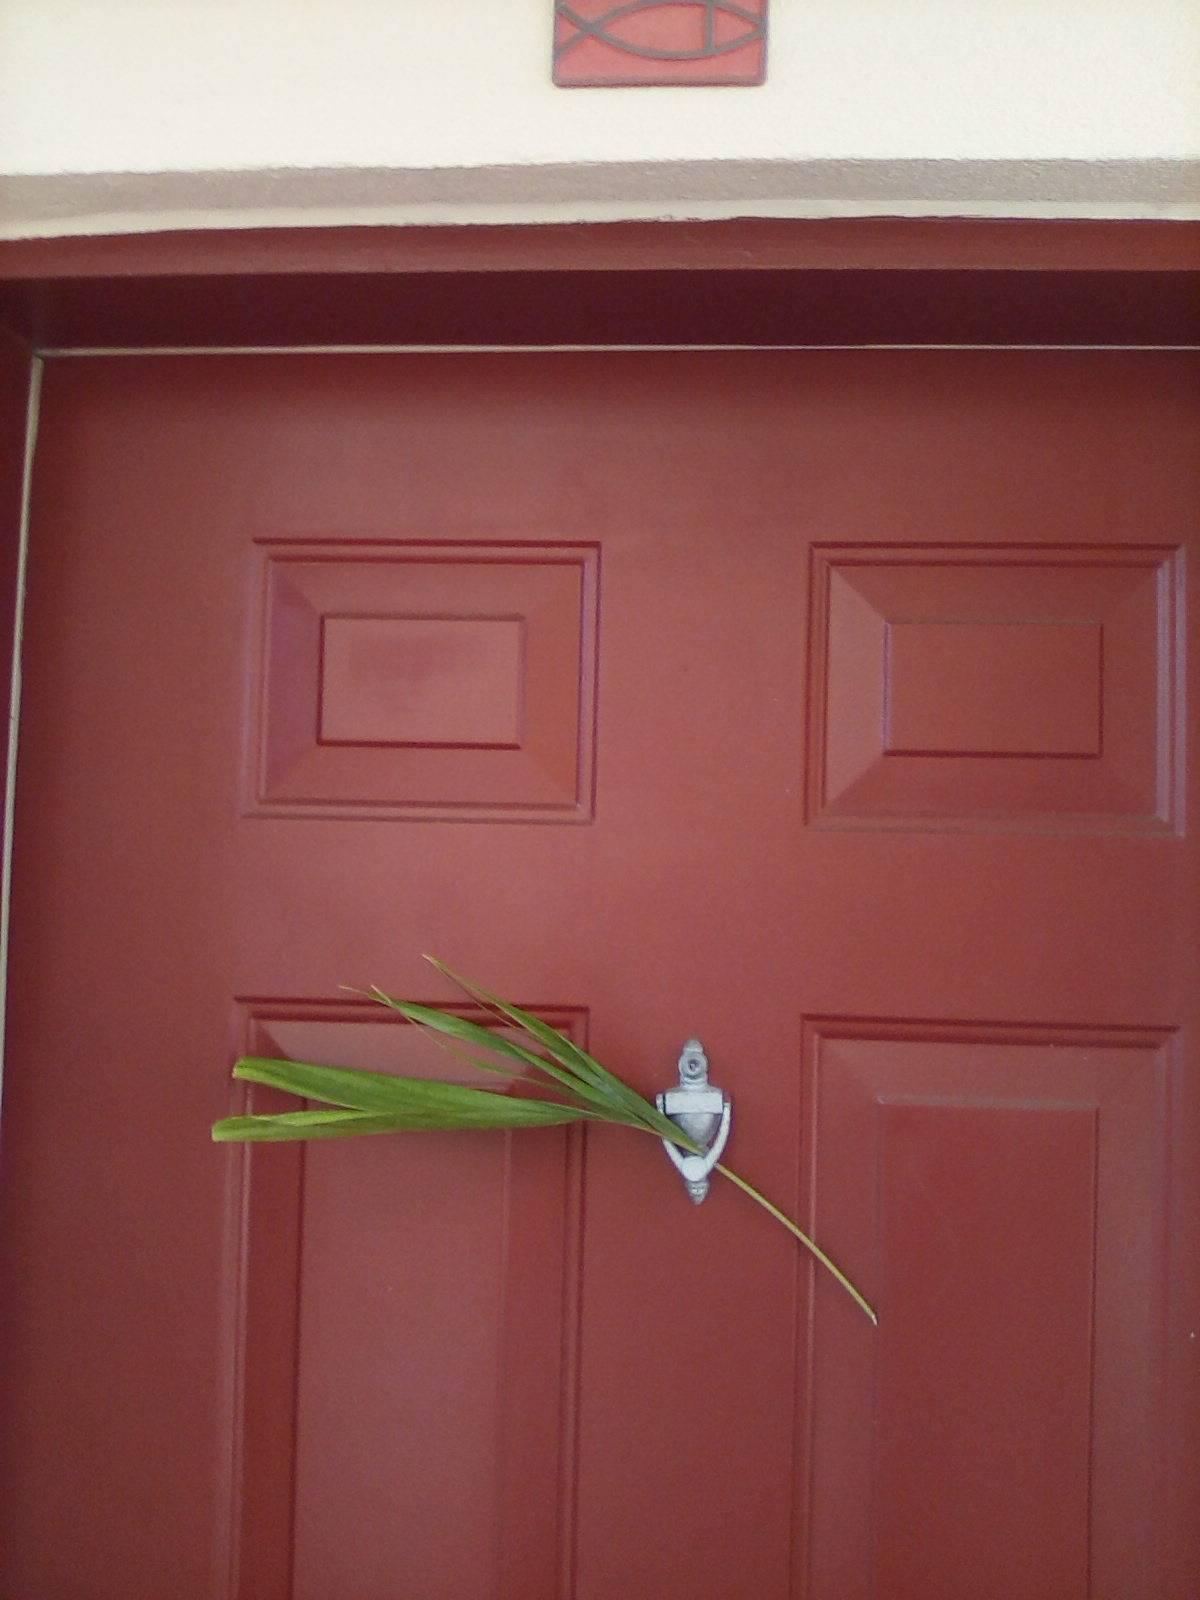 Jay Johnson's door